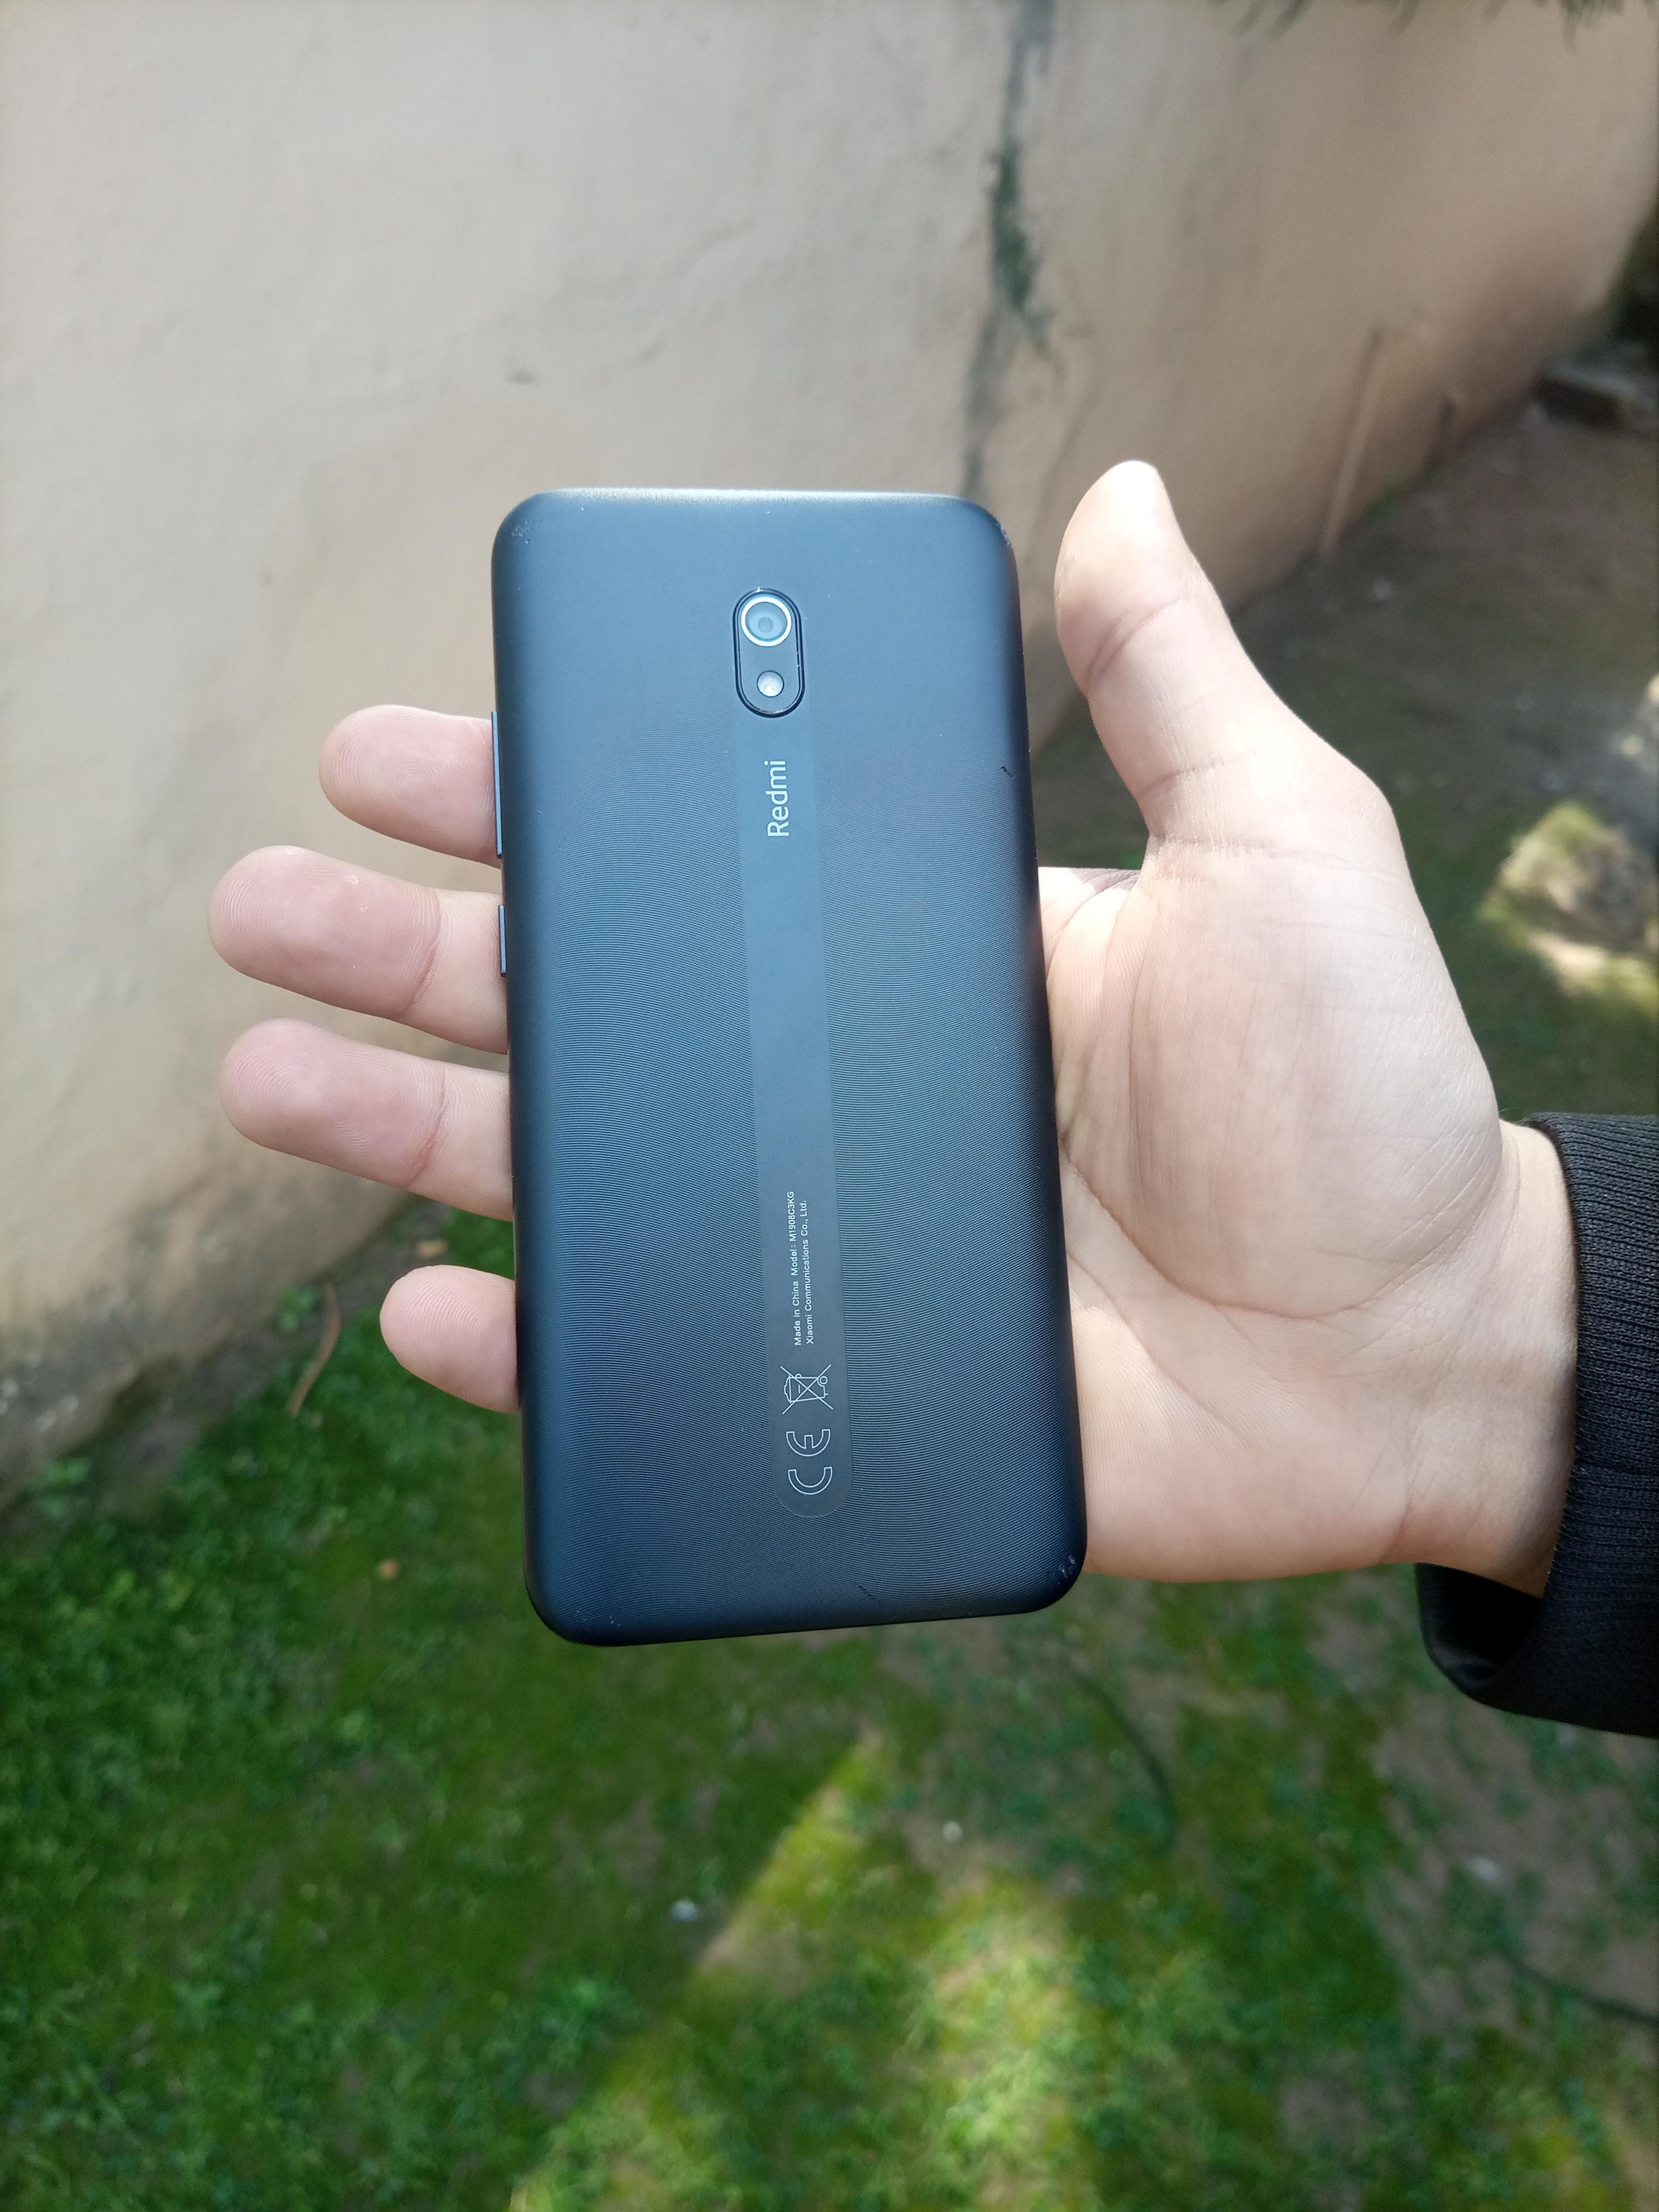 Xiaomi's Redmi 8A